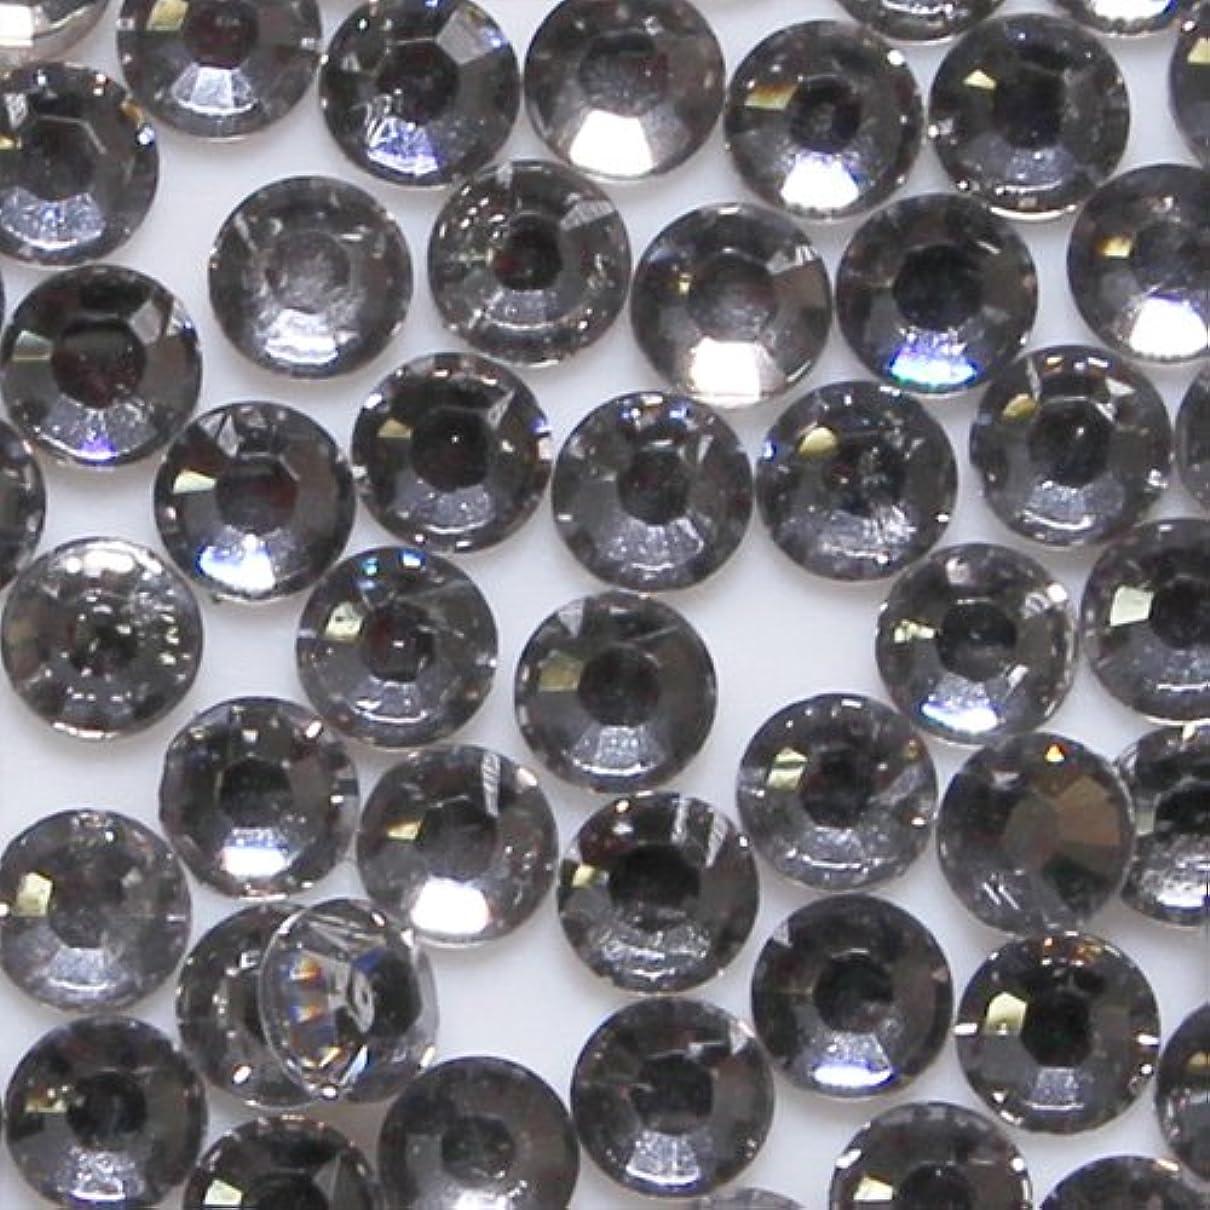 感嘆符ロープ締め切り高品質 アクリルストーン ラインストーン ラウンドフラット 約1000粒入り 2mm ブラックダイヤモンド